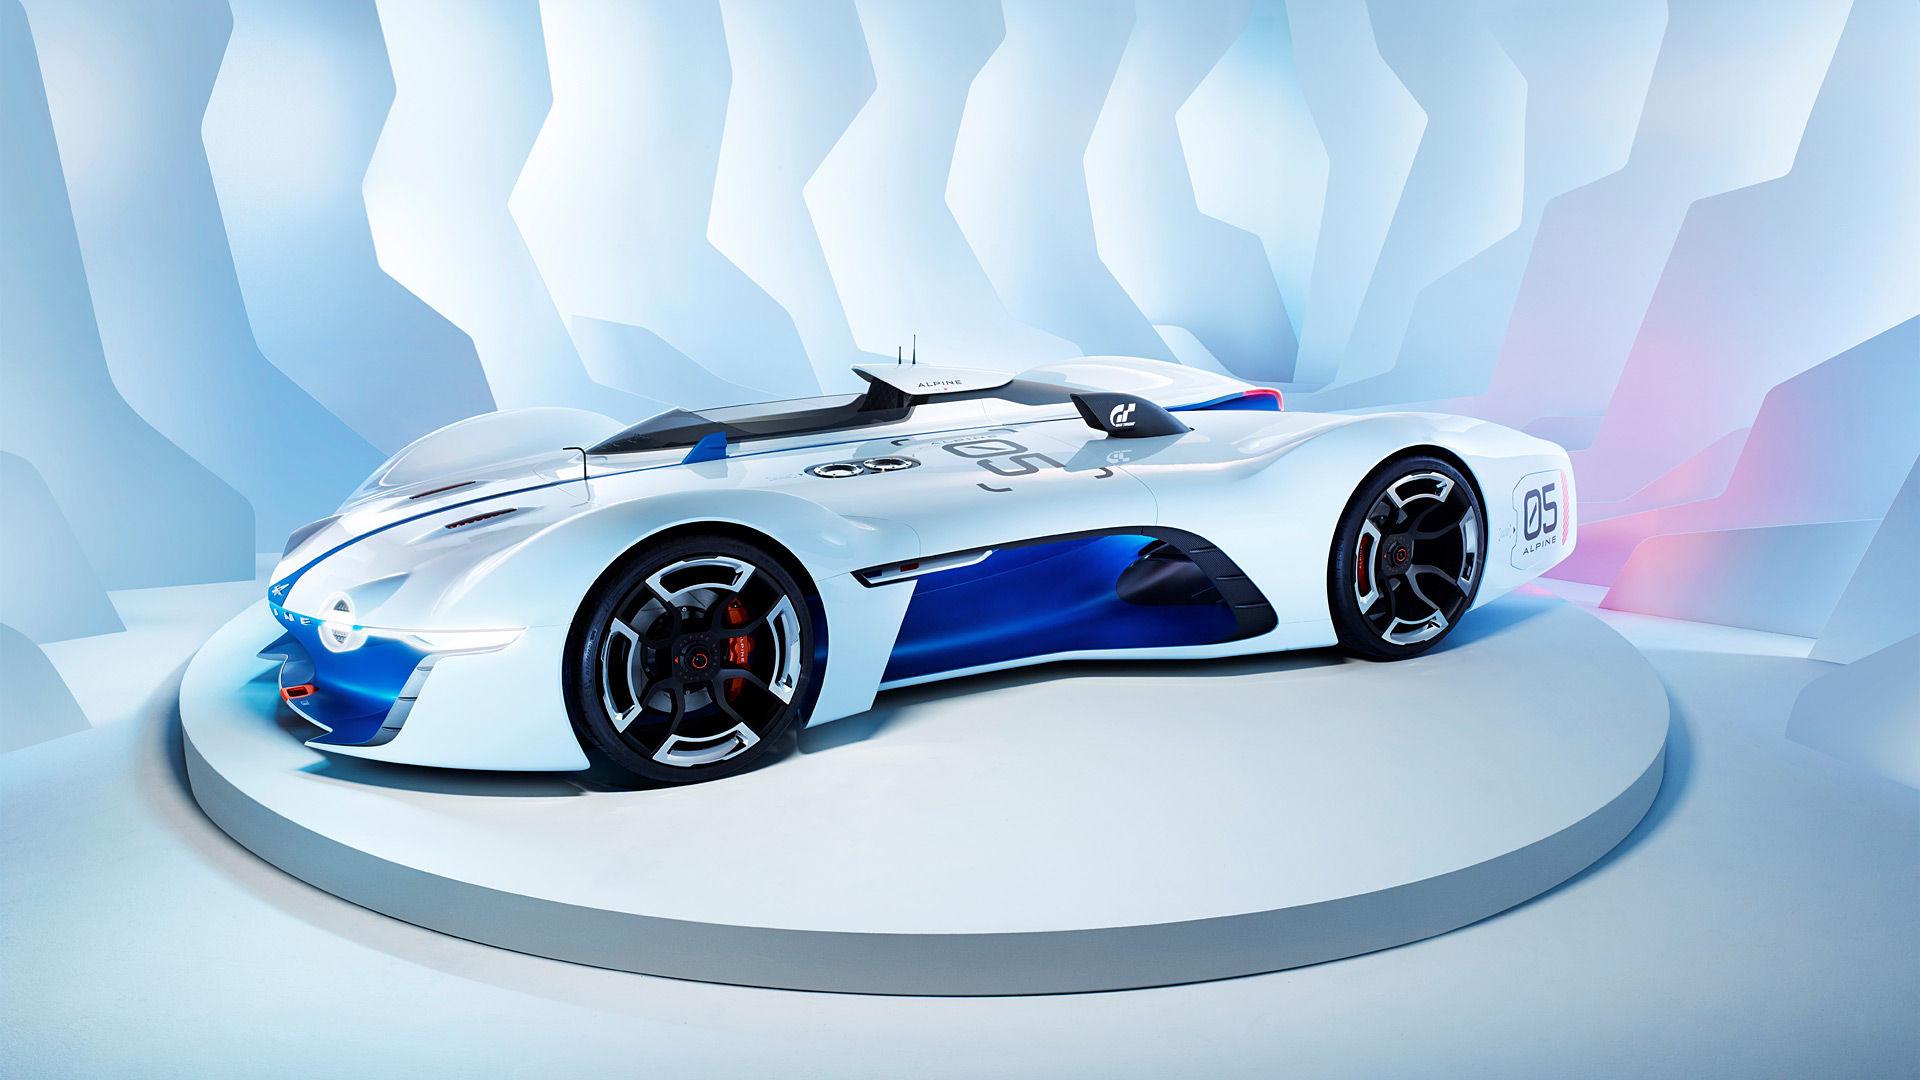 2015 Renault Alpine Vision Gran Turismo Concept